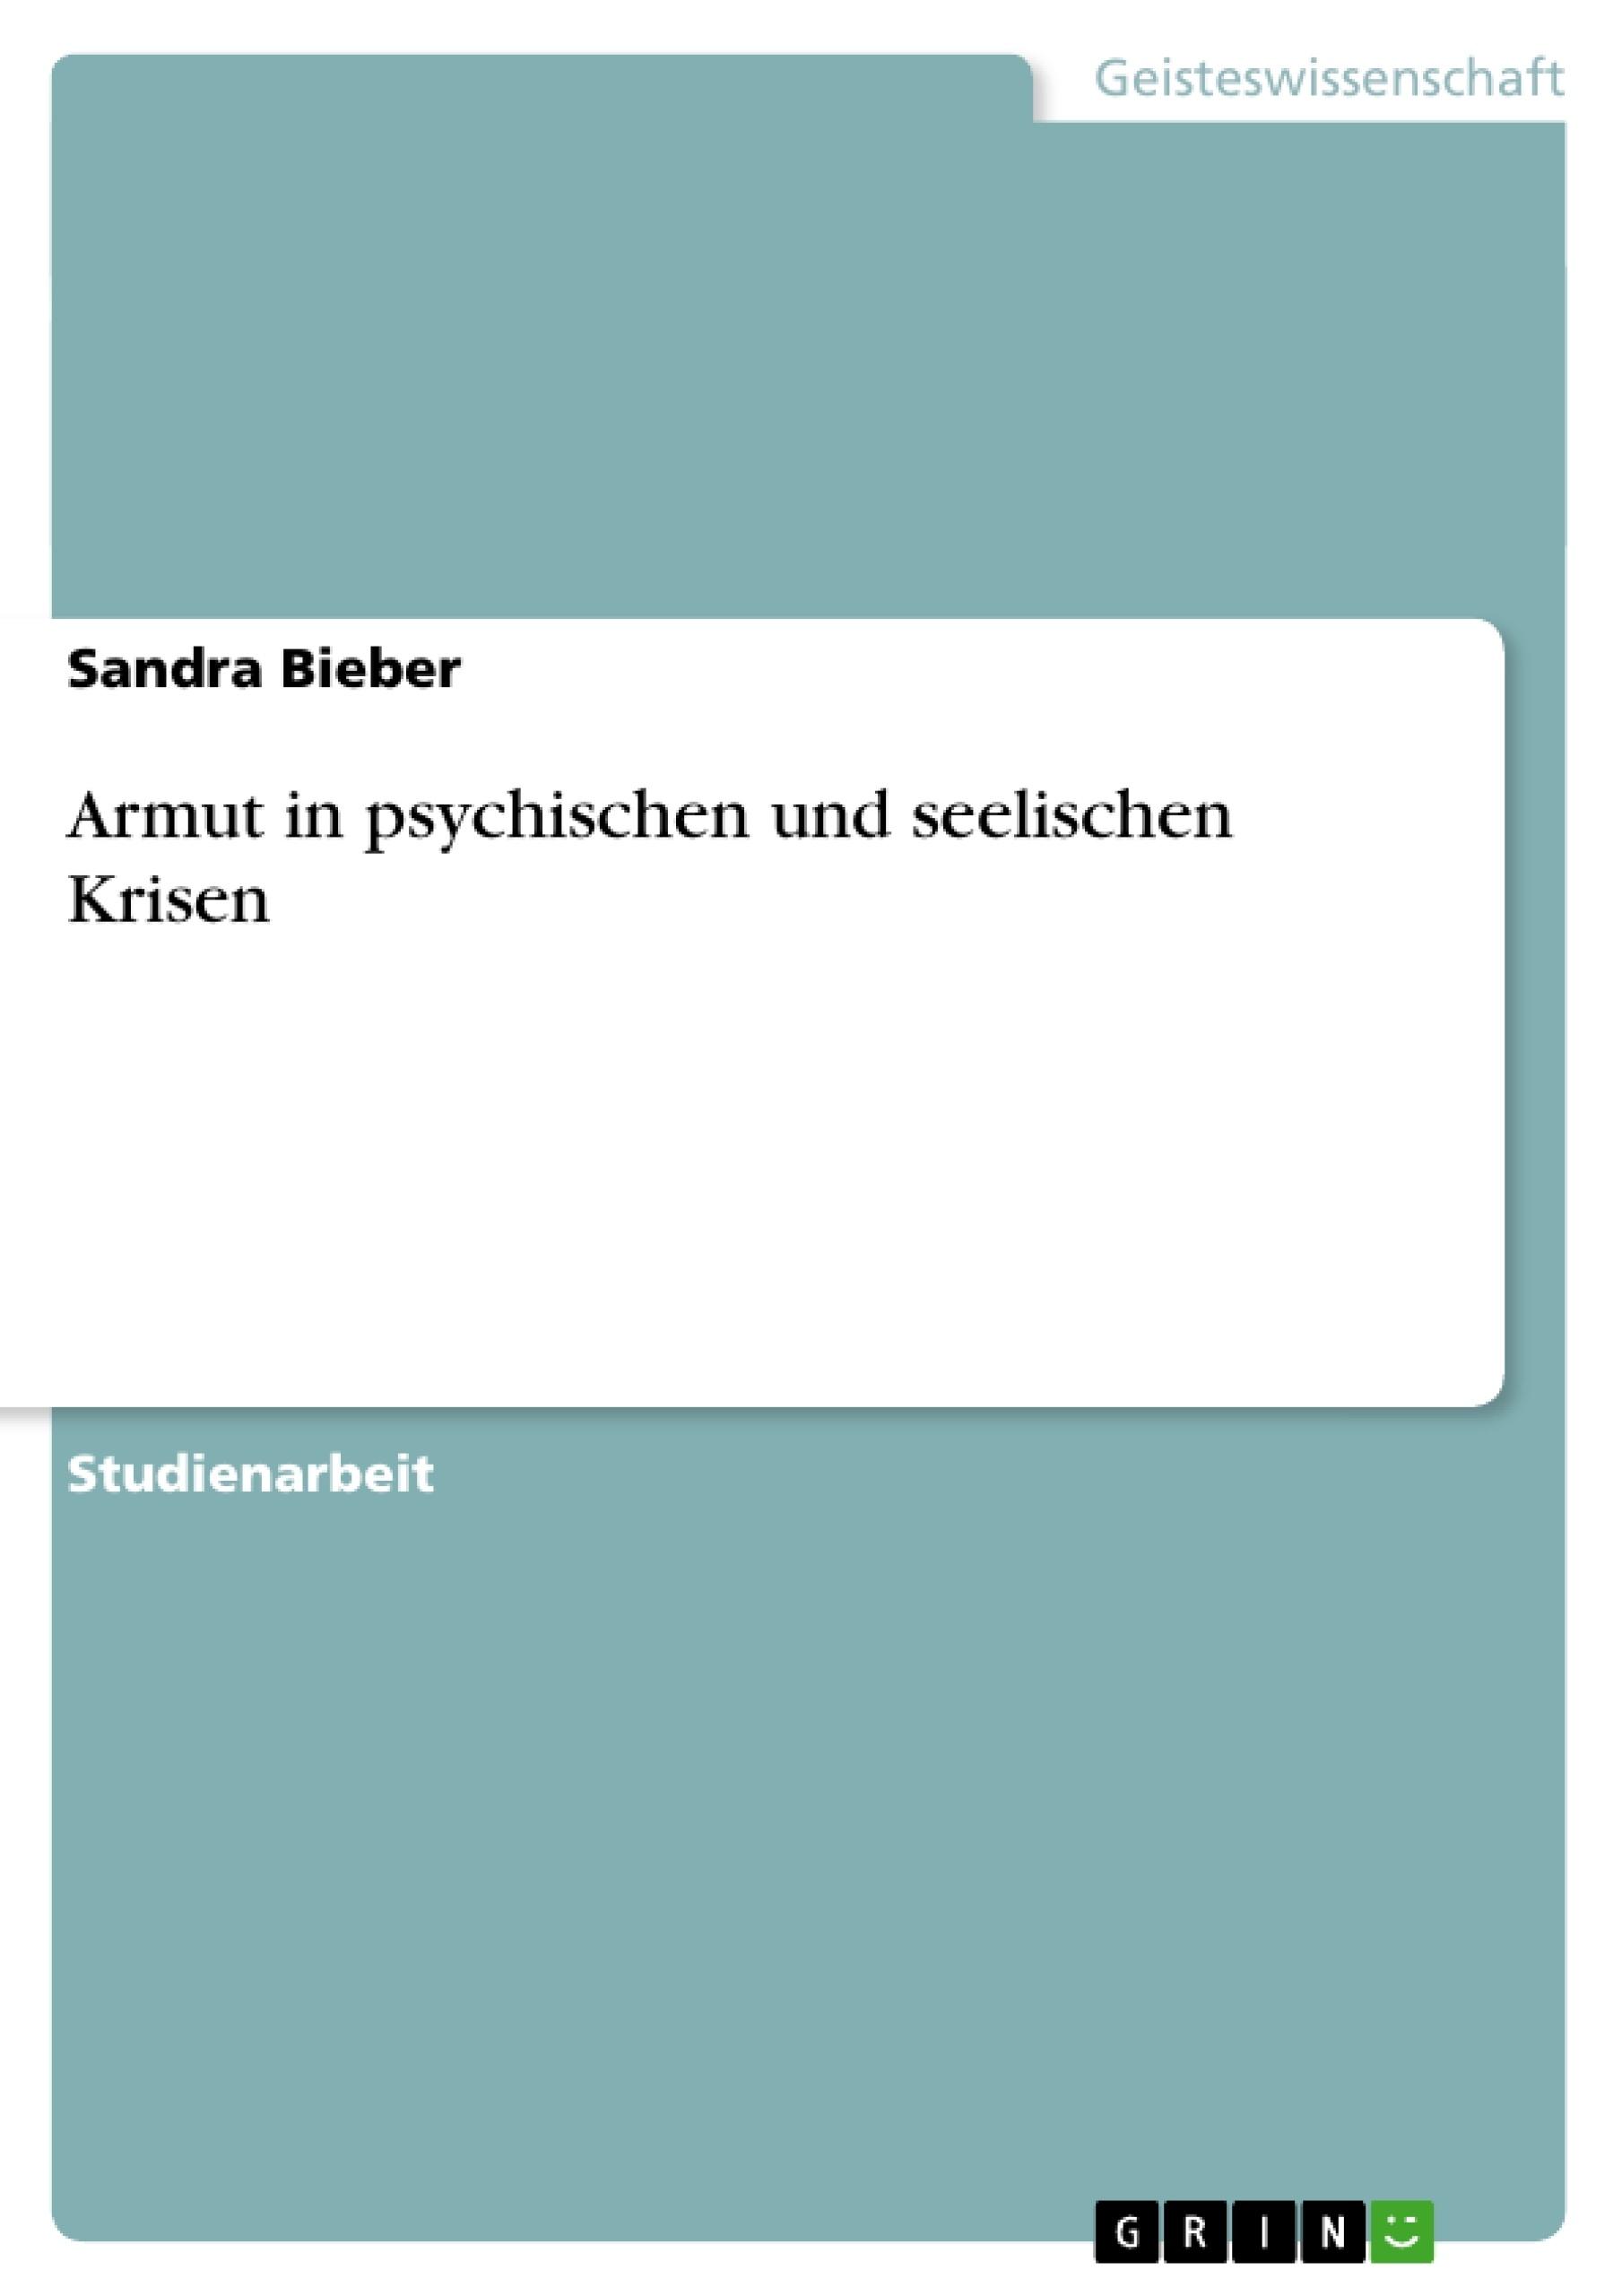 ebook Mathematik für Physiker 2: Basiswissen für das Grundstudium der Experimentalphysik